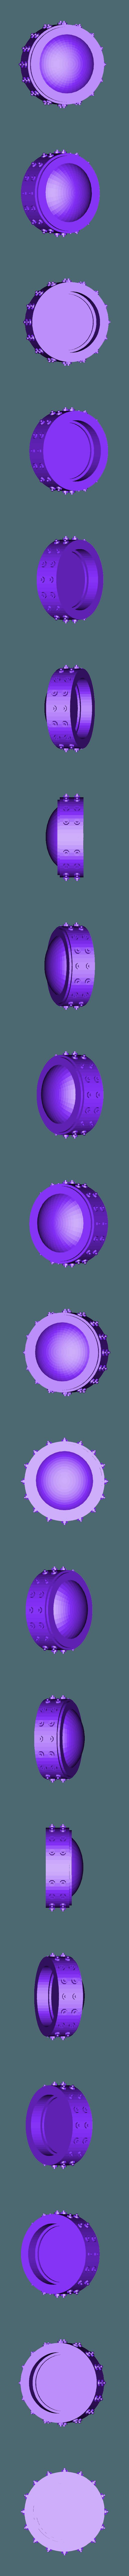 Pipe_end_dome.stl Télécharger fichier STL gratuit Sci-fi Réseau de tuyaux modulaire pour les paysages de wargaming • Objet à imprimer en 3D, redstarkits